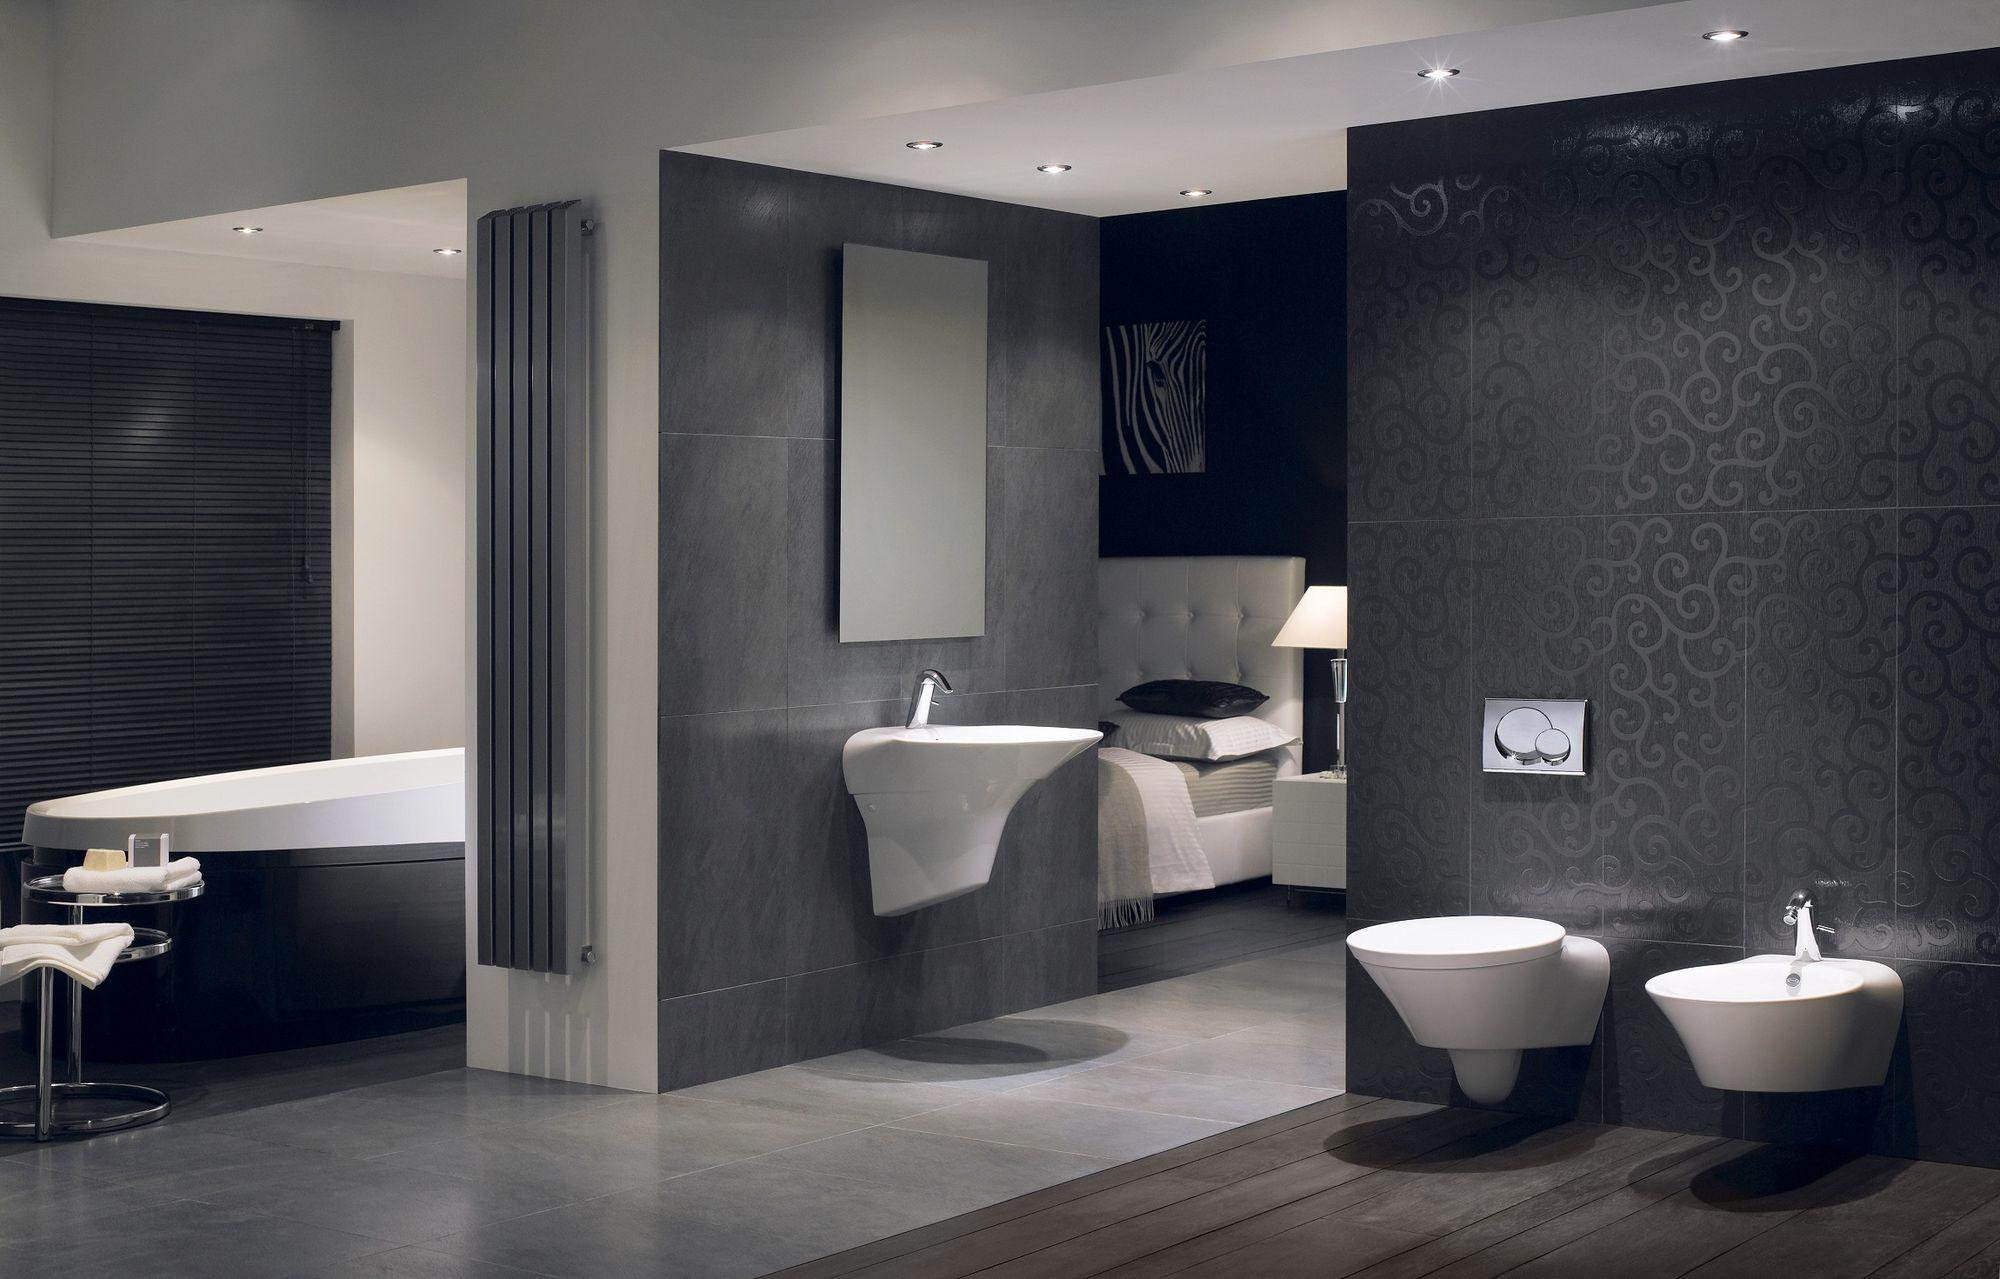 bathroom suites bournemouth | designing bathroom suites